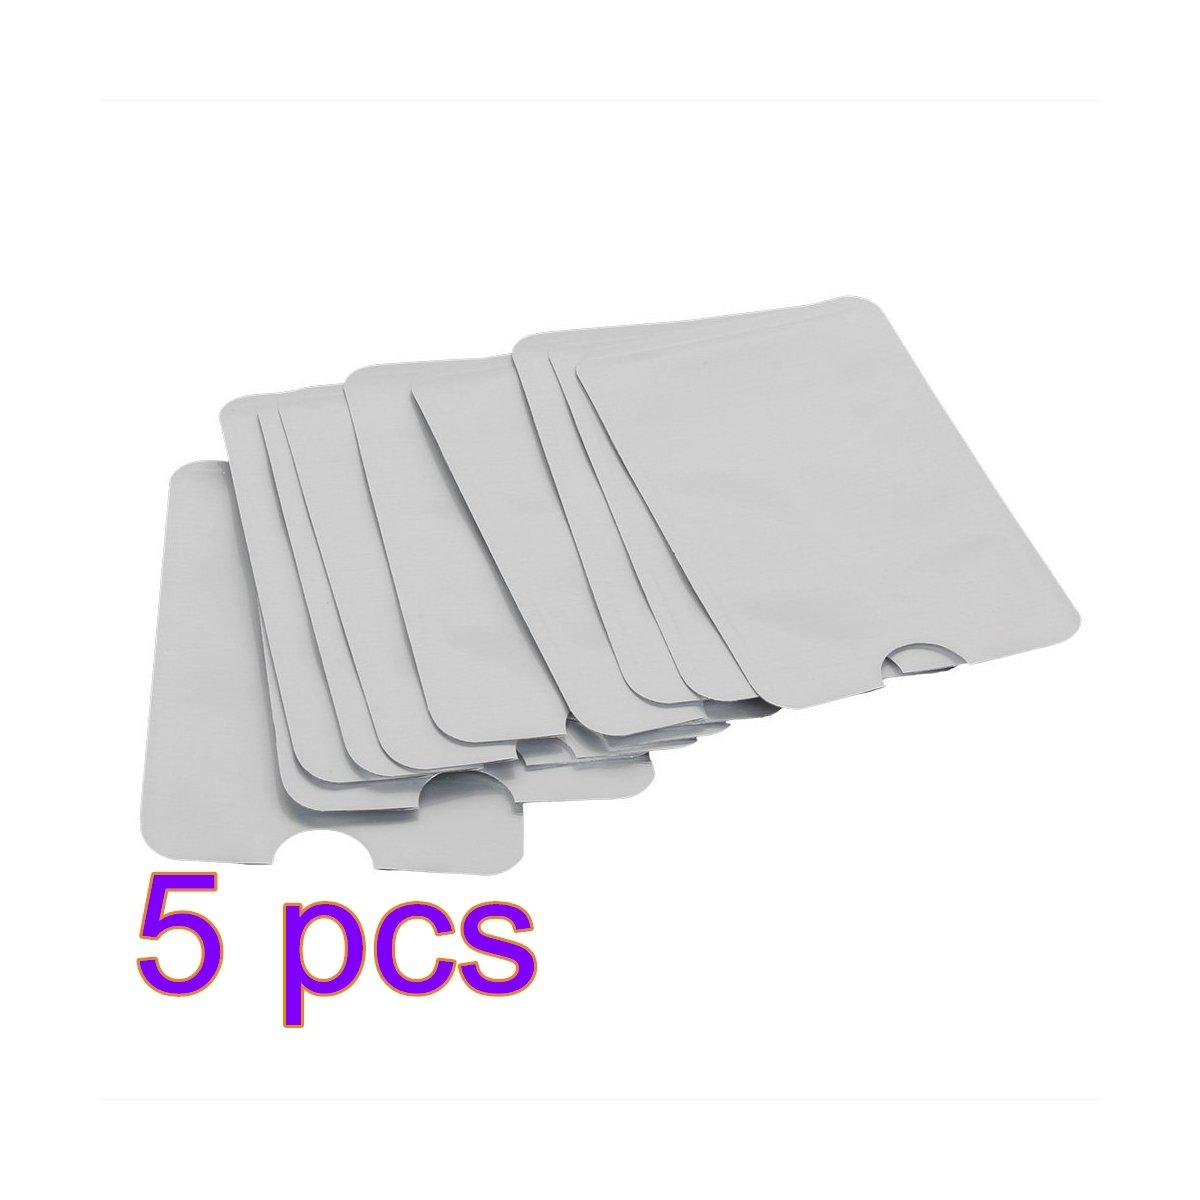 ANKKO Reisepass Kreditkarte ID sichern Protector-Anti-Diebstahl-RFID blockieren Sleeve Shield-Card-Inhaber (10 Stück)